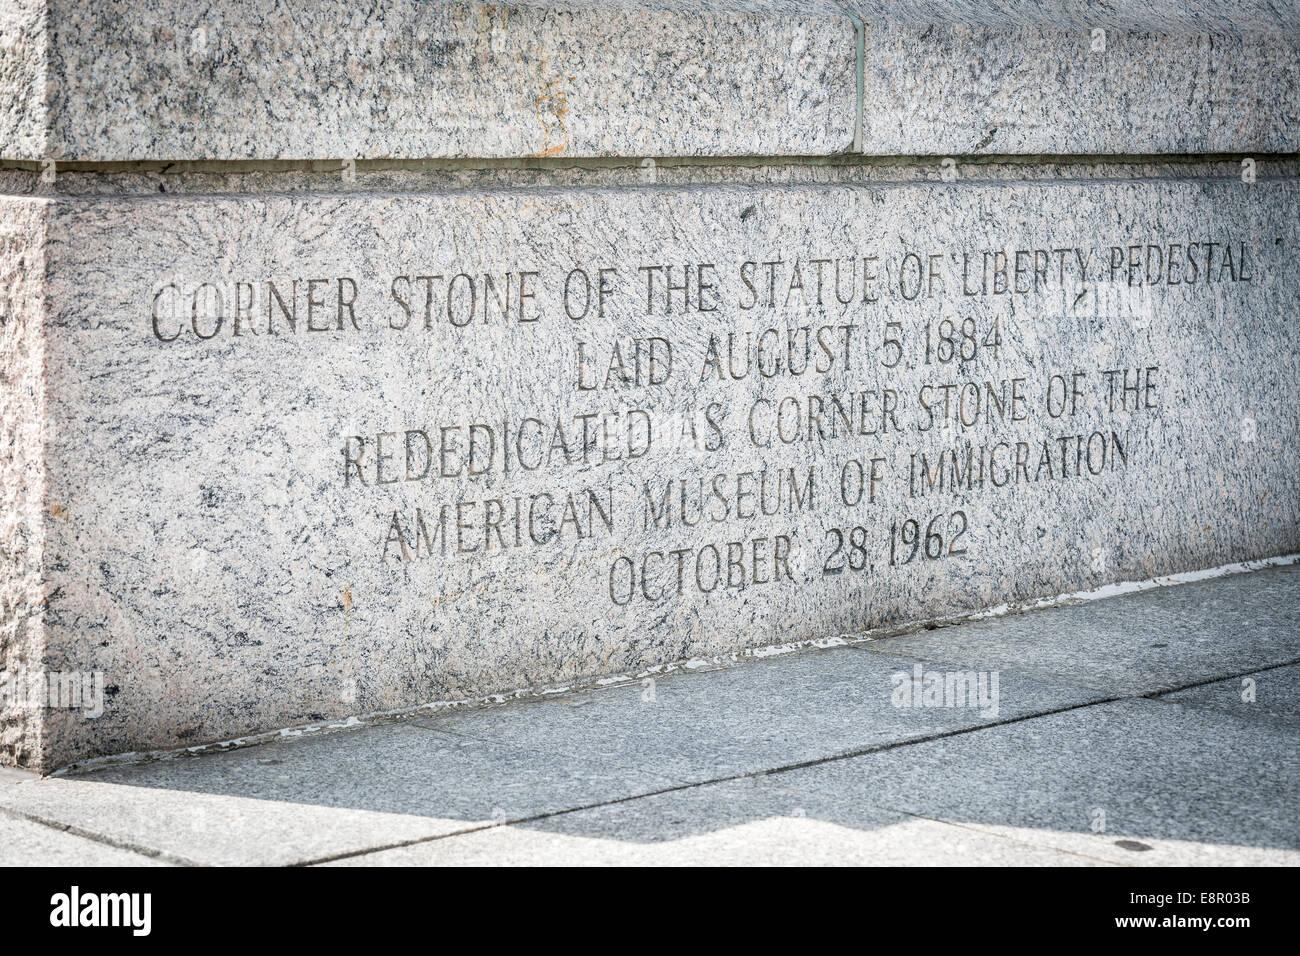 Die von der Statue of Liberty Sockel, Grundstein 5. August 1884 - Liberty Island, New York - USA. Stockbild